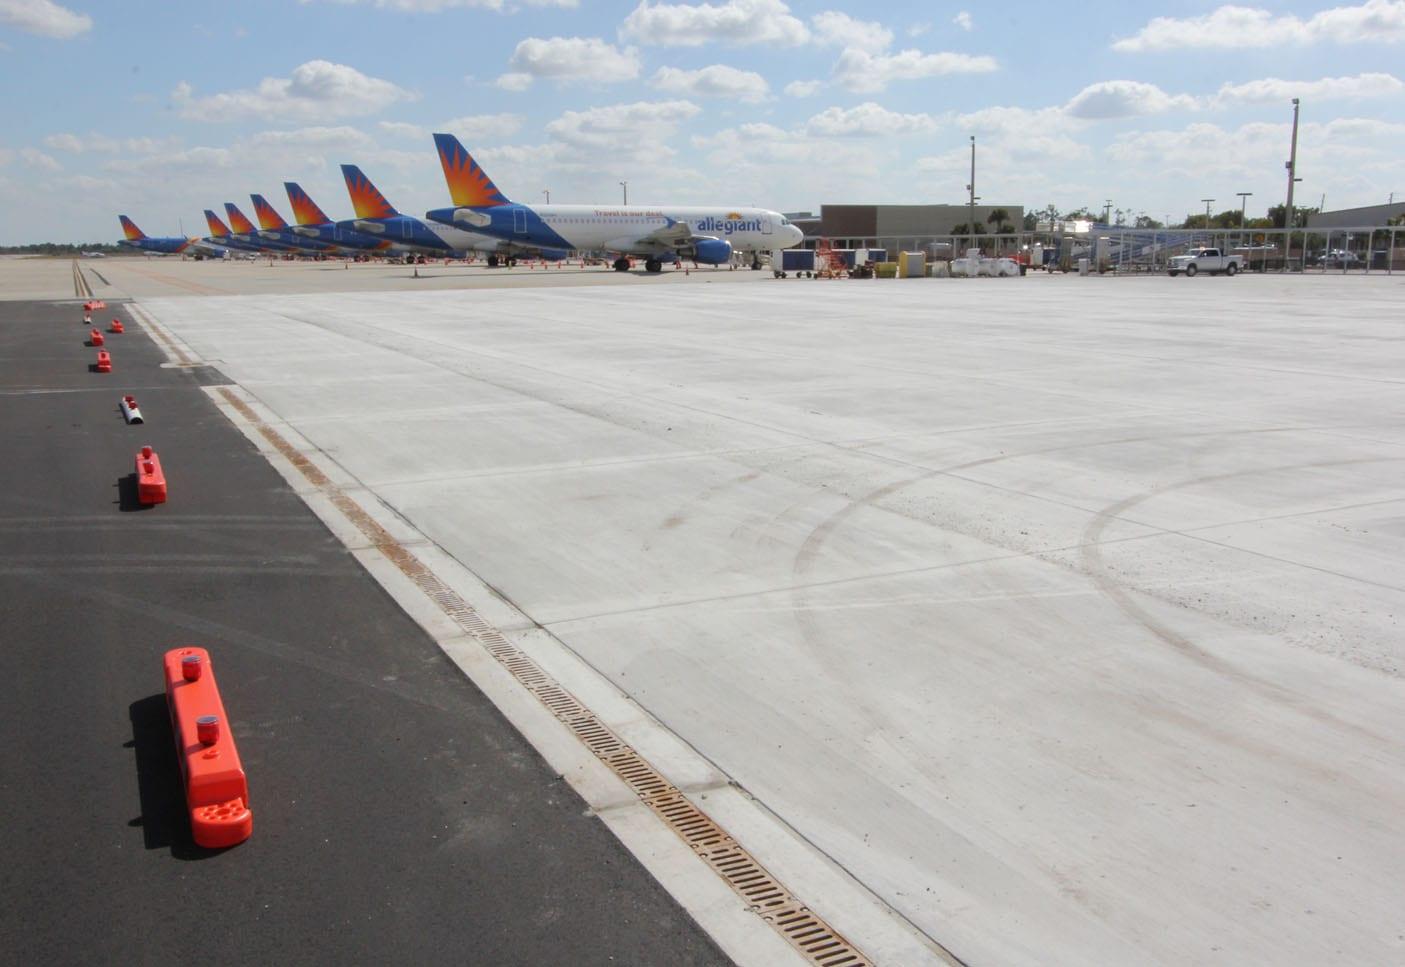 Punta_Gorda_Airport_Apron_Expansion_0001_Layer 3